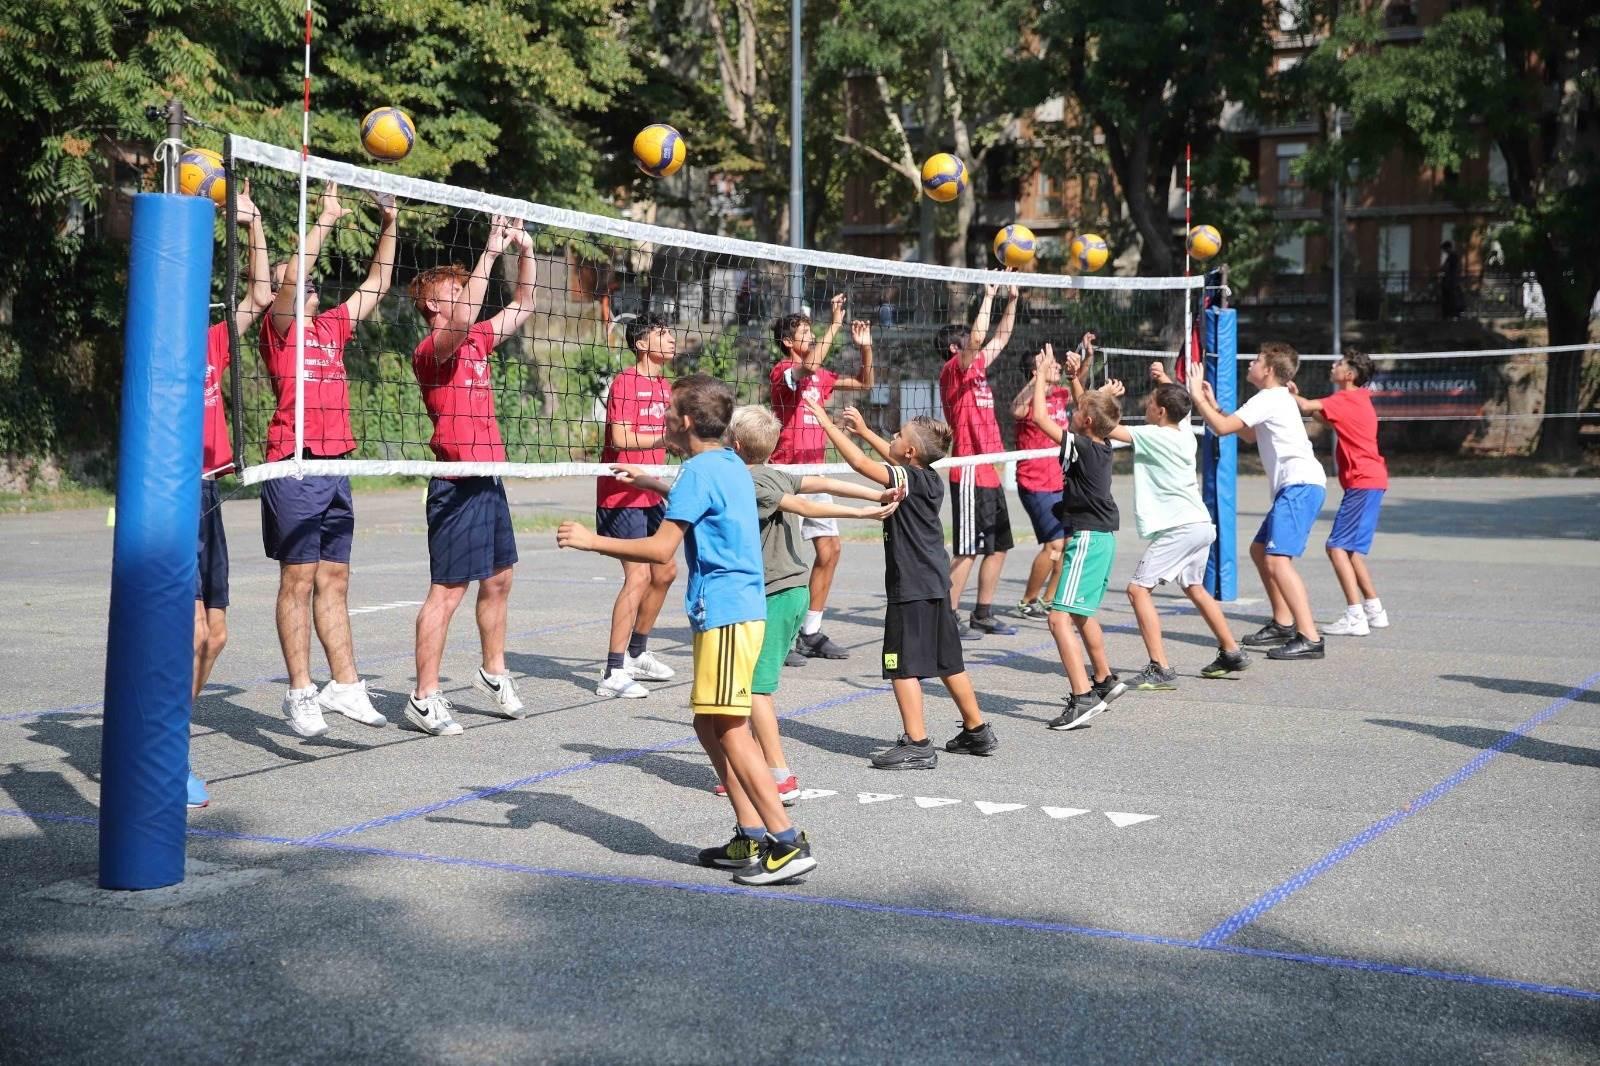 YOUNG ENERGY VOLLEY MANDA A SEGNO IL PRIMO EVENTO image